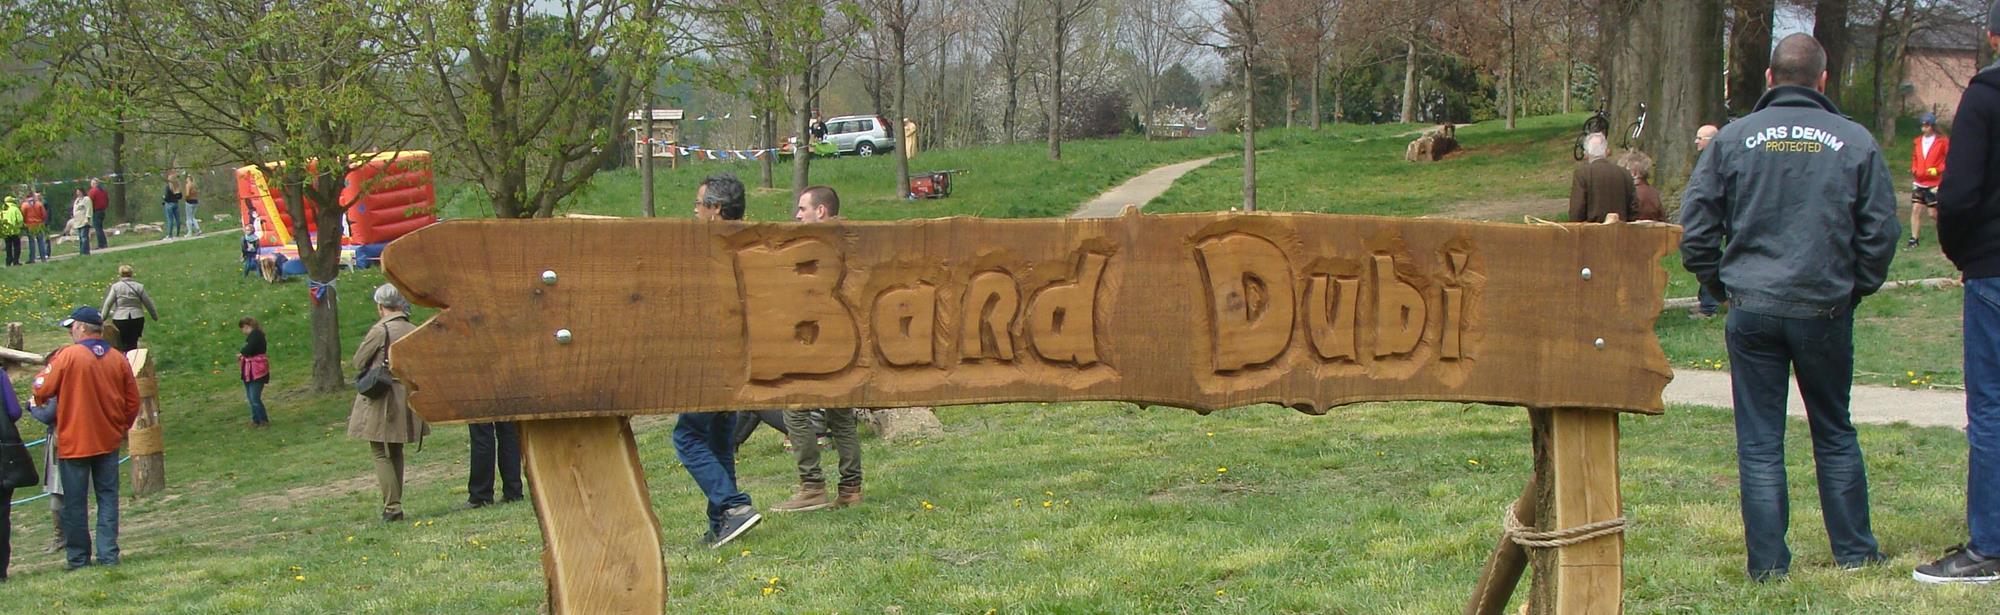 Natuurspeelplaats Bard Dubi in Bocholtz